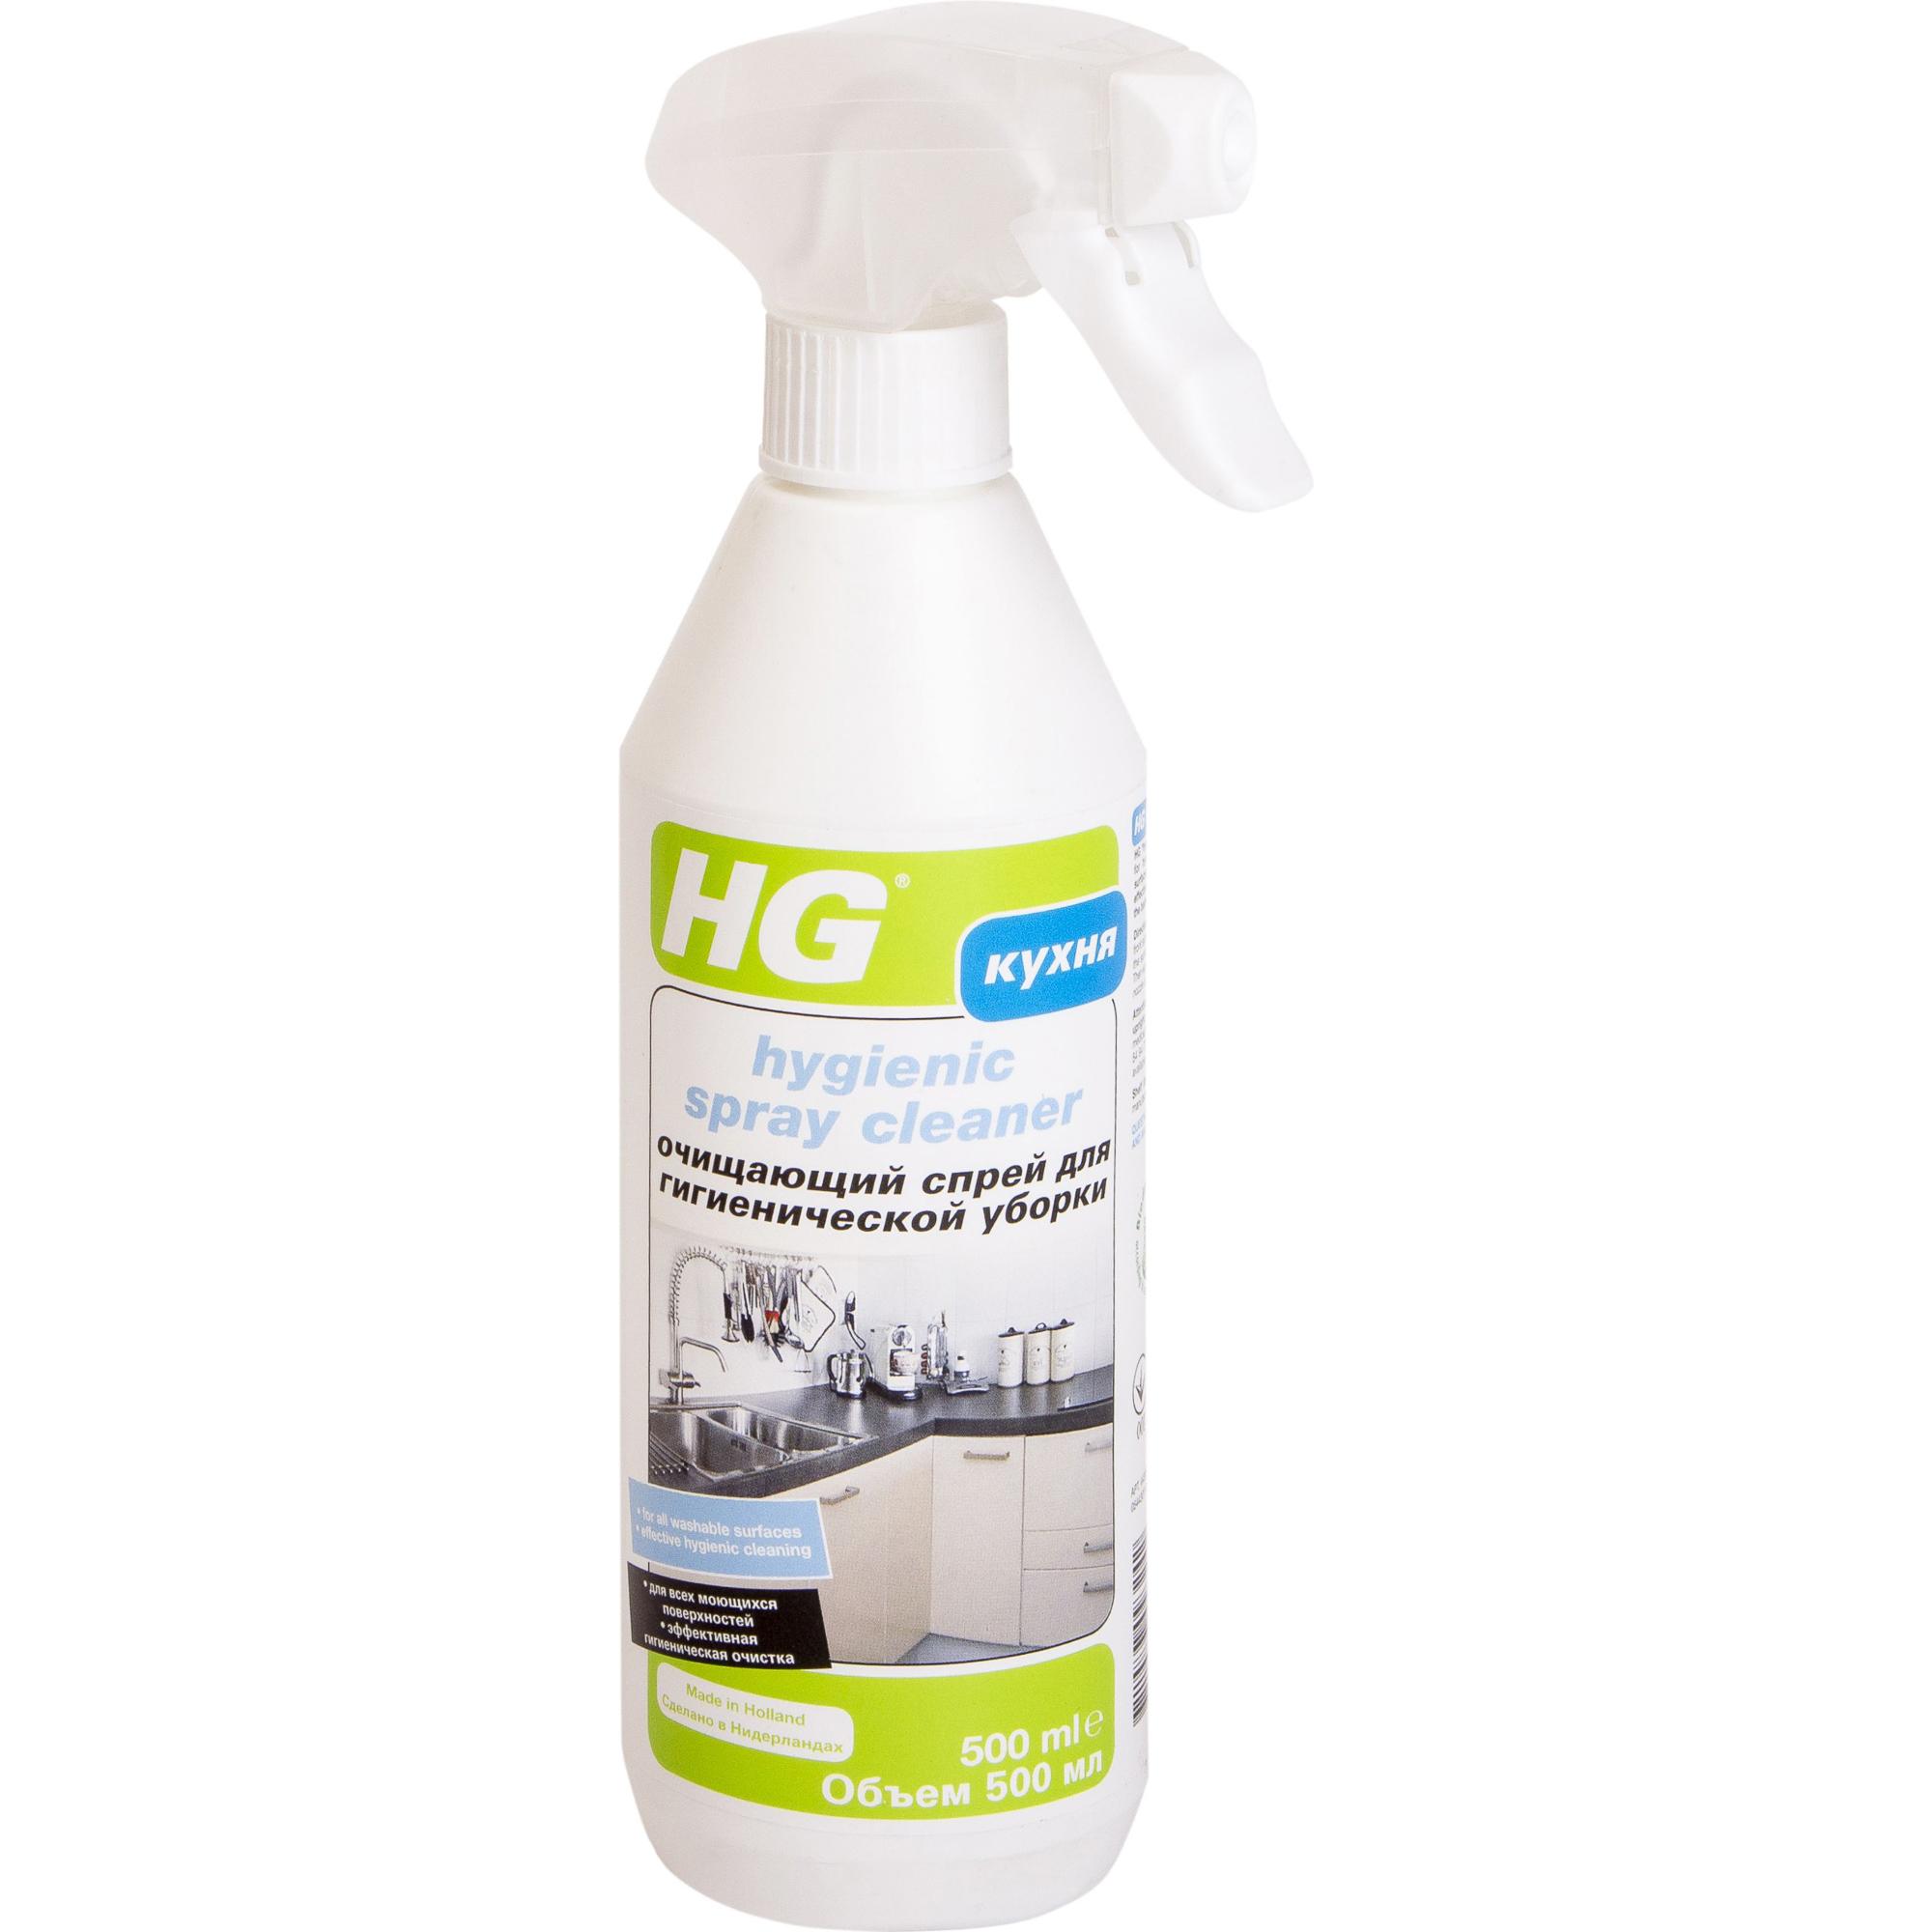 Фото - Очищающий спрей HG Для гигиеничной уборки 500 мл очиститель hg для душевой и ванной 500 мл